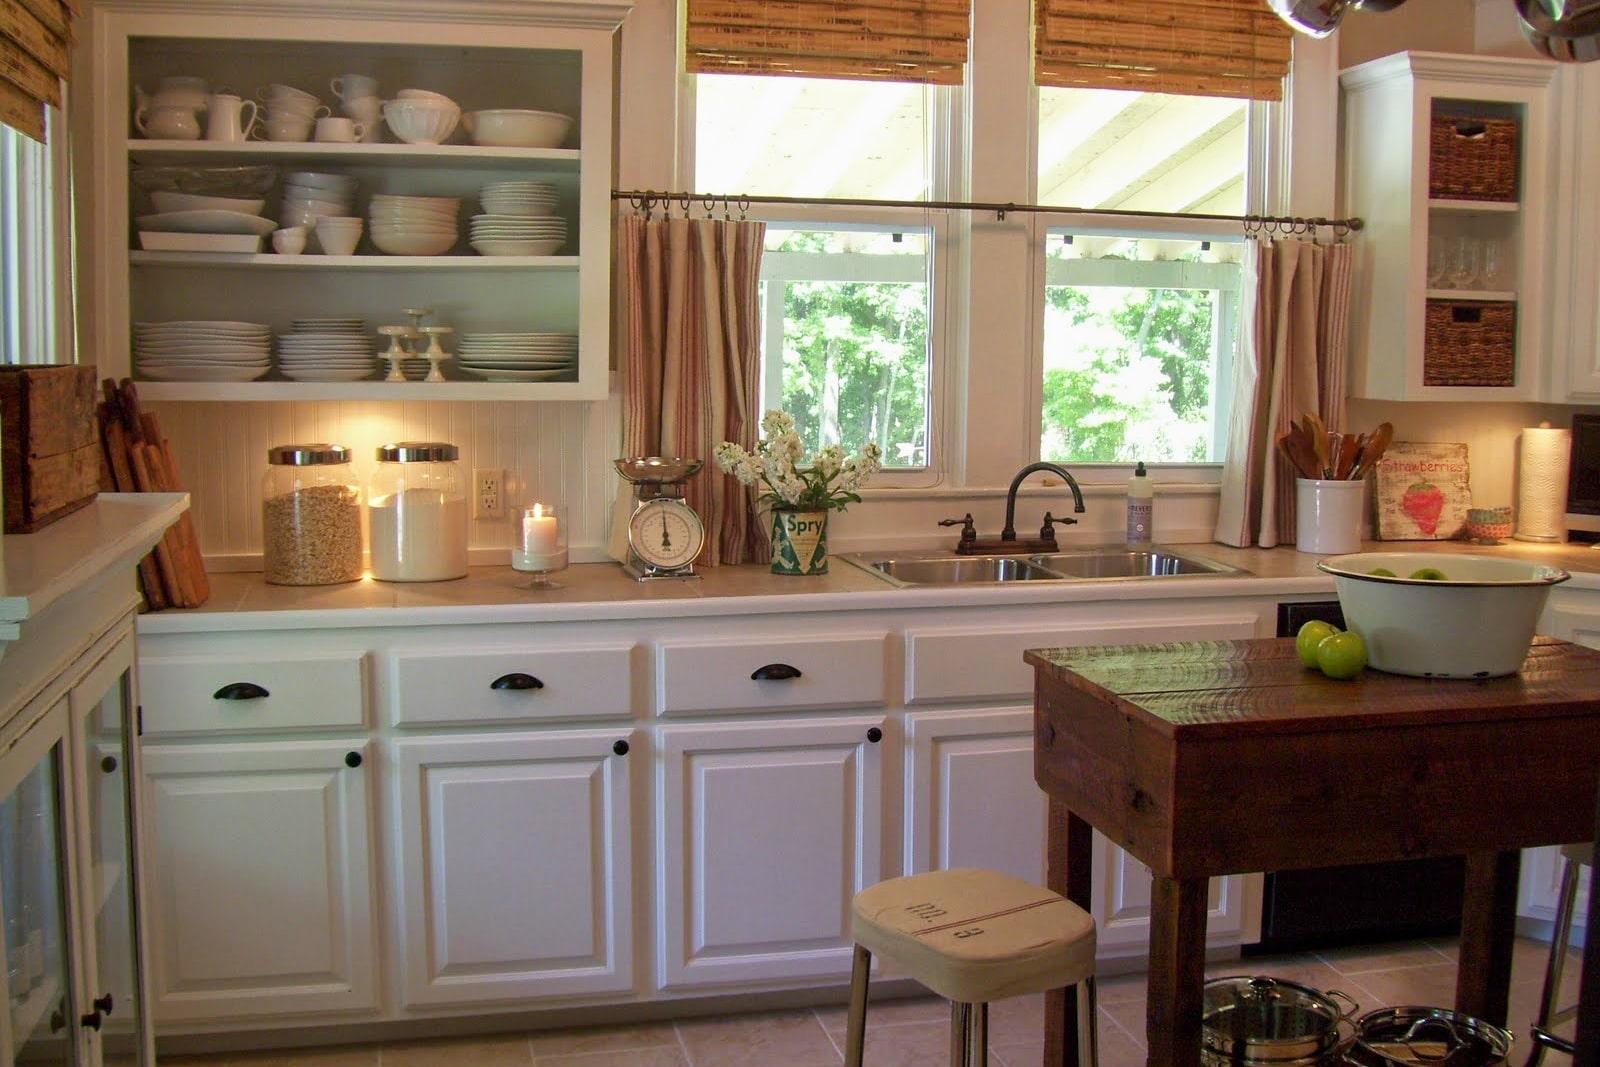 انتخاب کابینت آشپزخانه و ۱۲ نکته مهم آن بخش اول